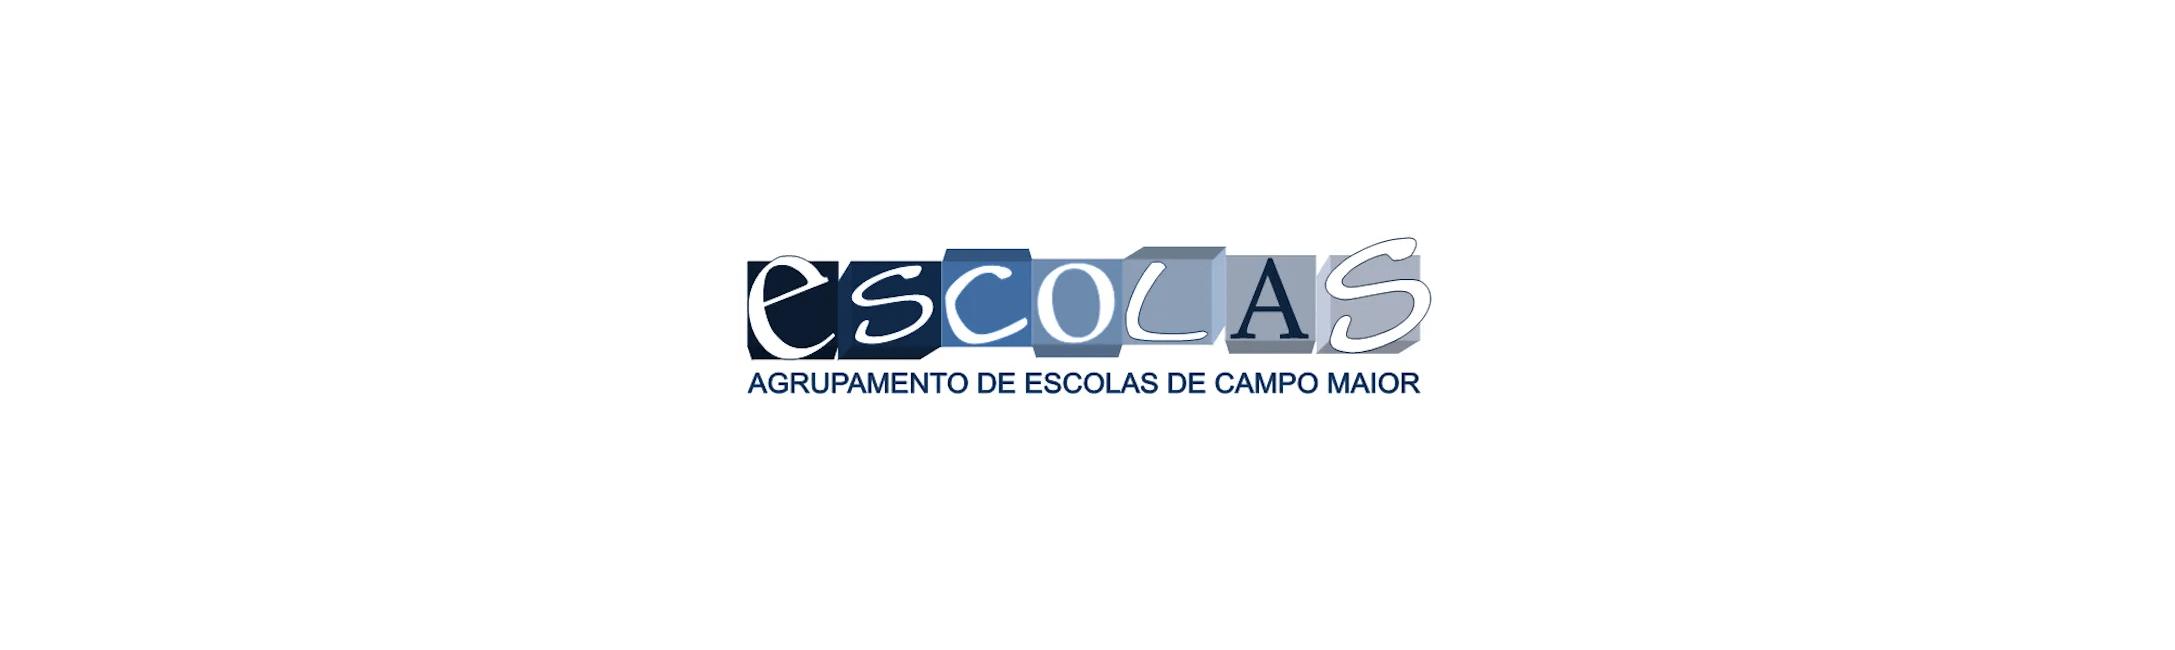 Contratação de Escola – Grupo 300